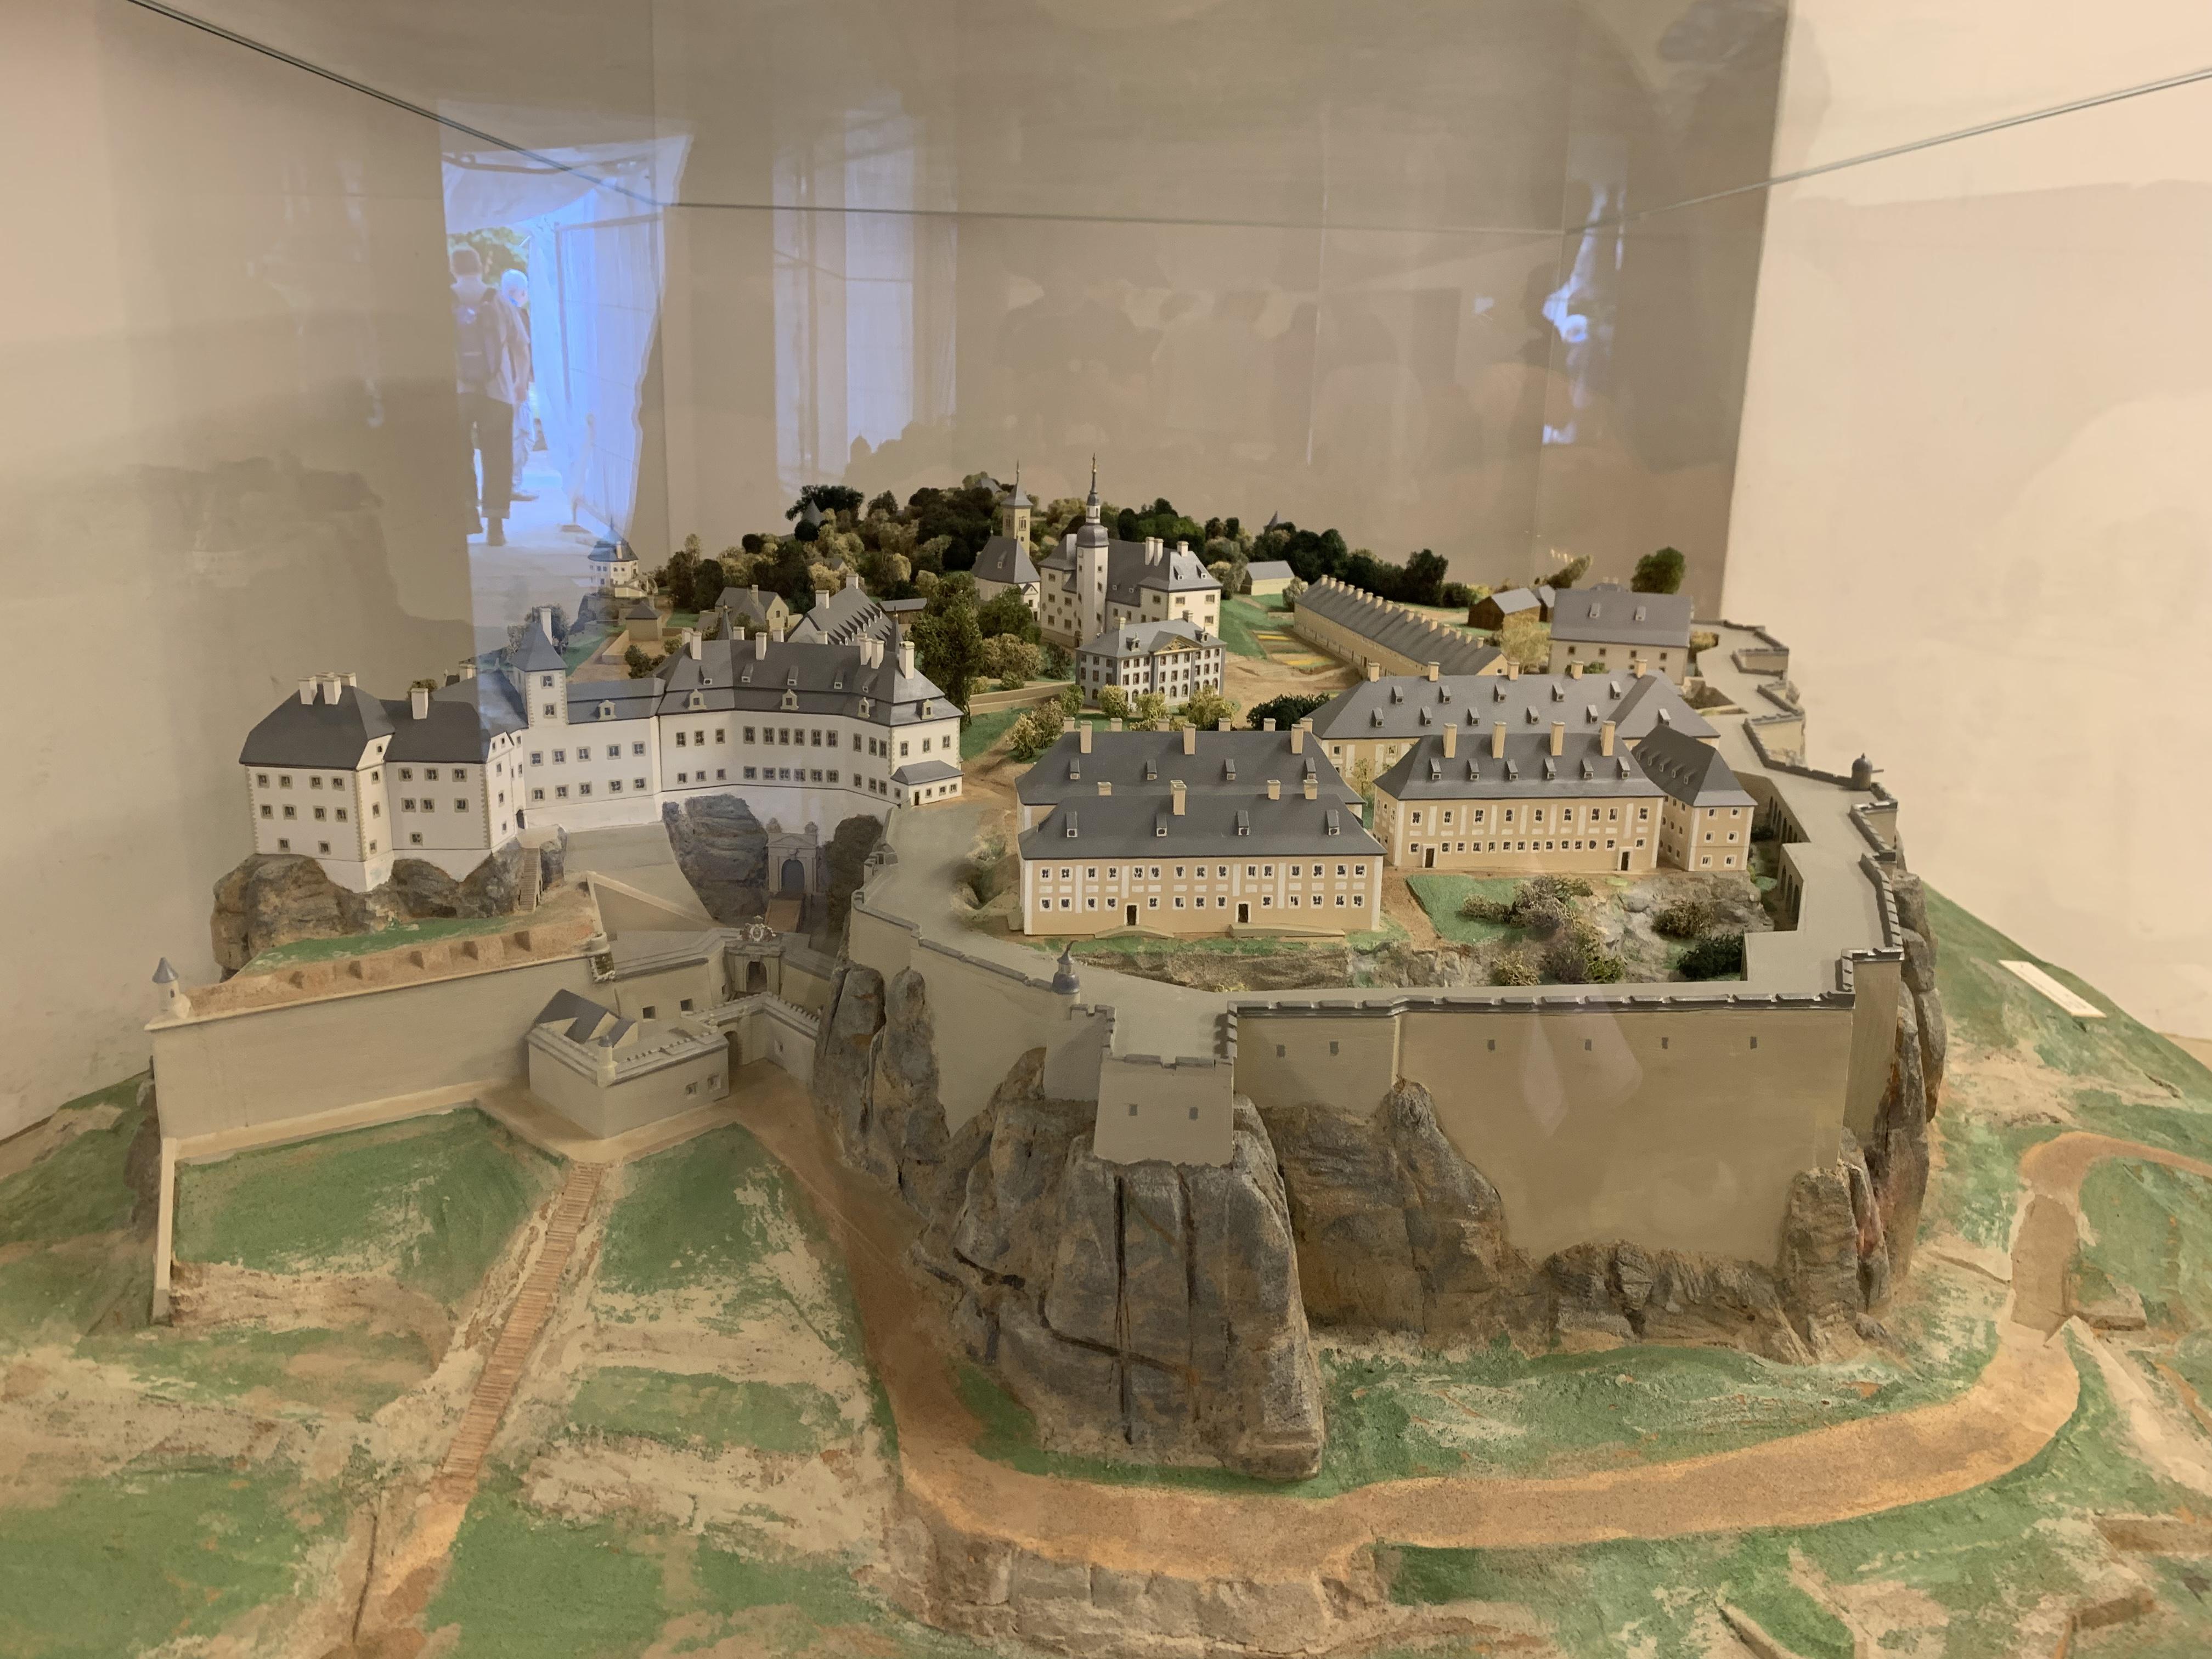 Ein Modell der Festung vom Jahr 1800